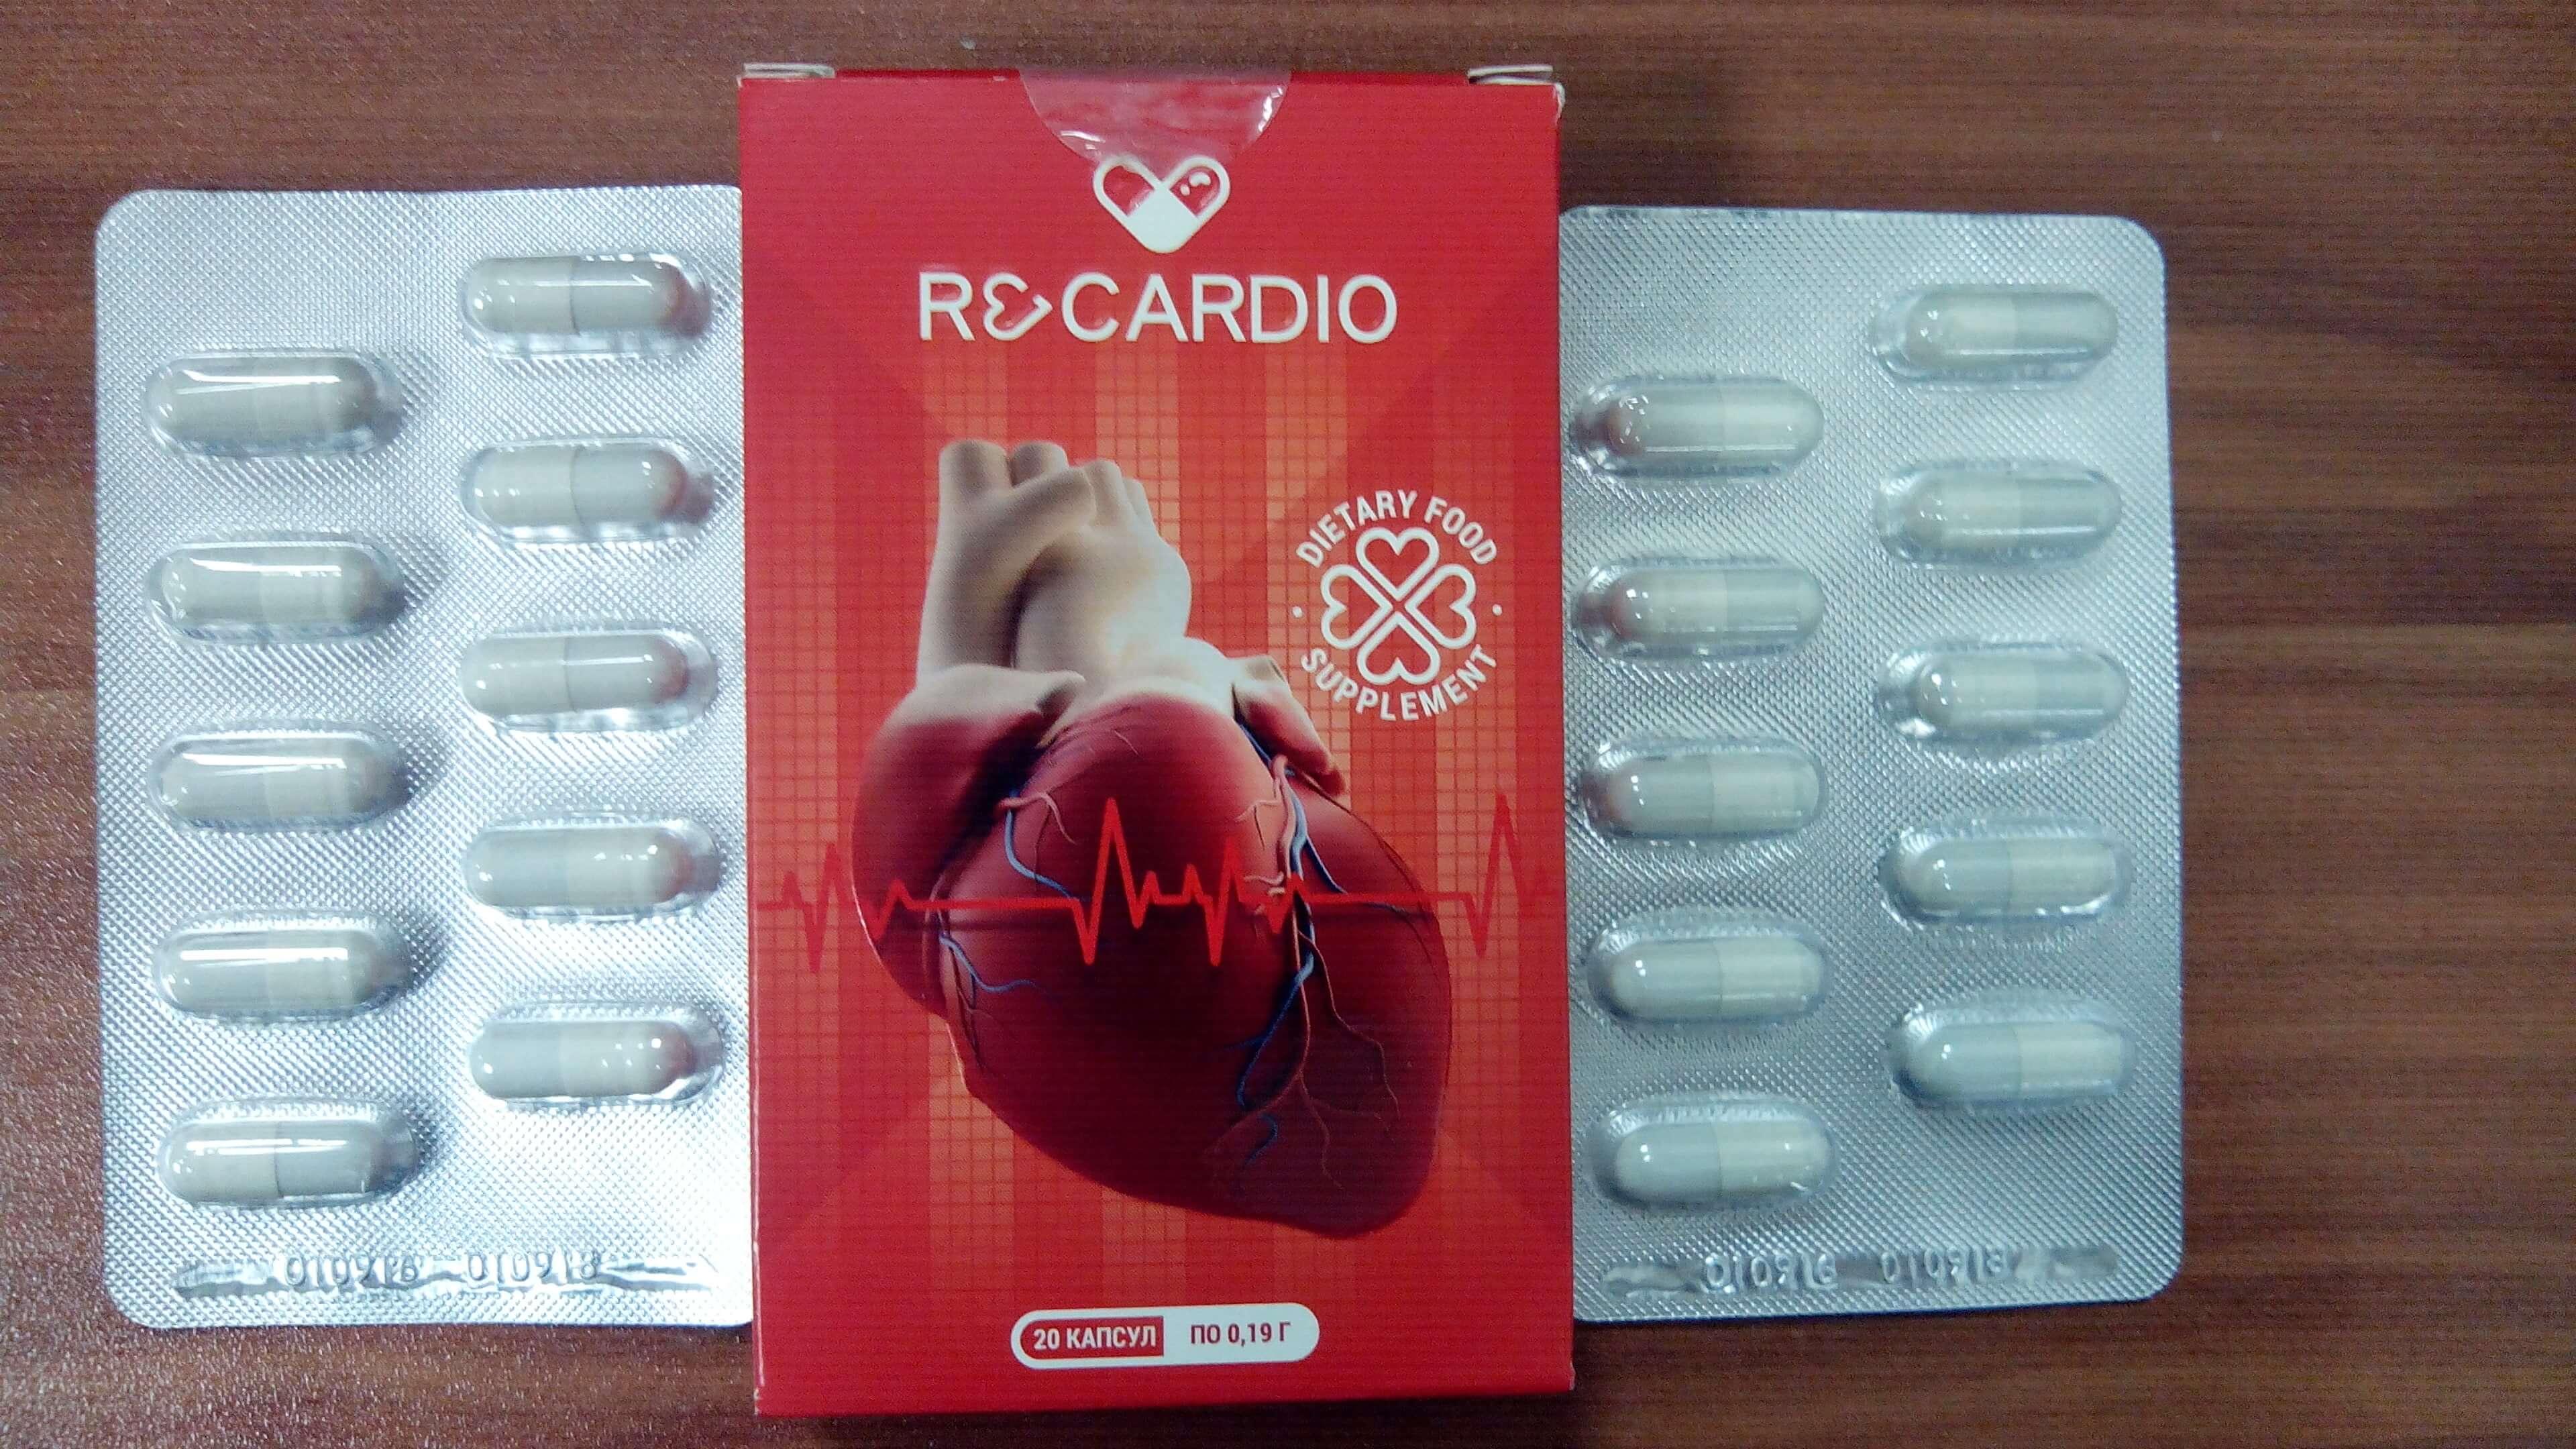 Препарат ReCardio от давления: инструкция, отзывы о лекарстве